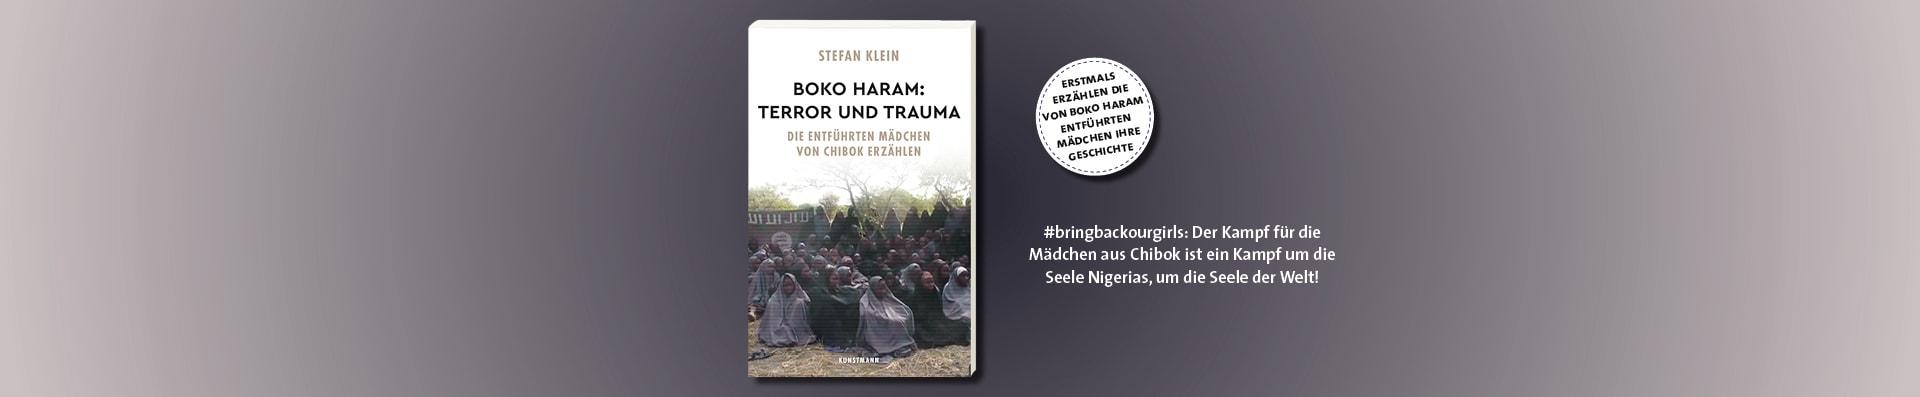 Stefan Klein – Boko Haram: Terror und Trauma